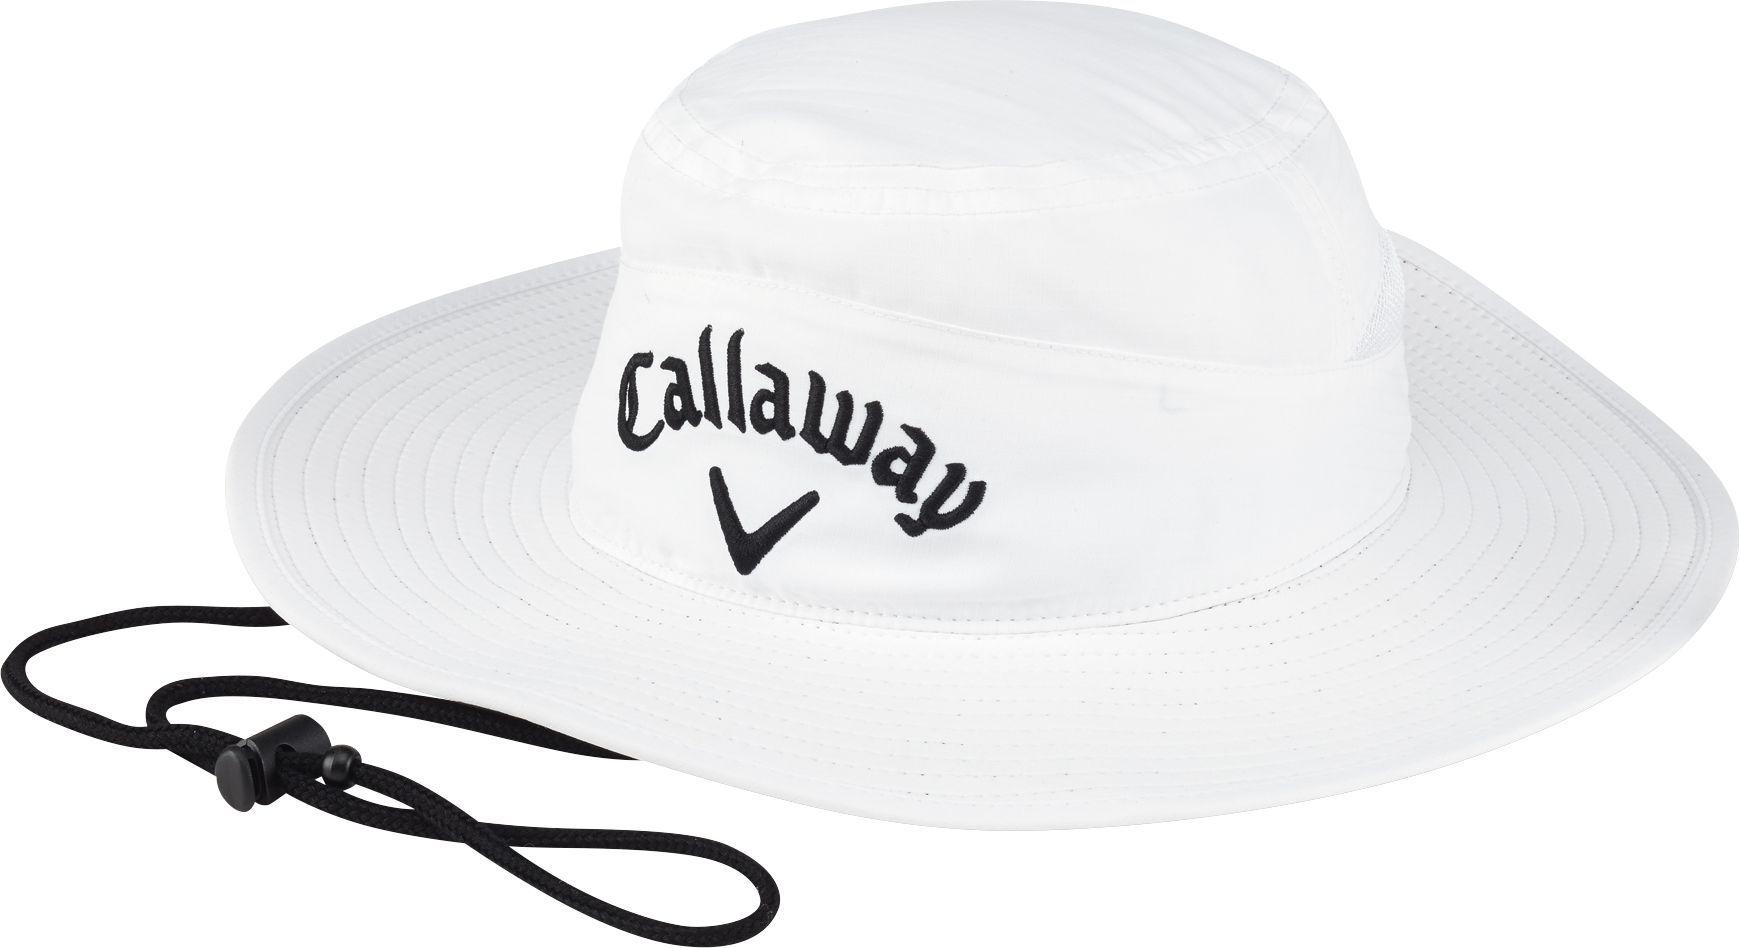 Callaway Sun Hat  53645a1ca0e